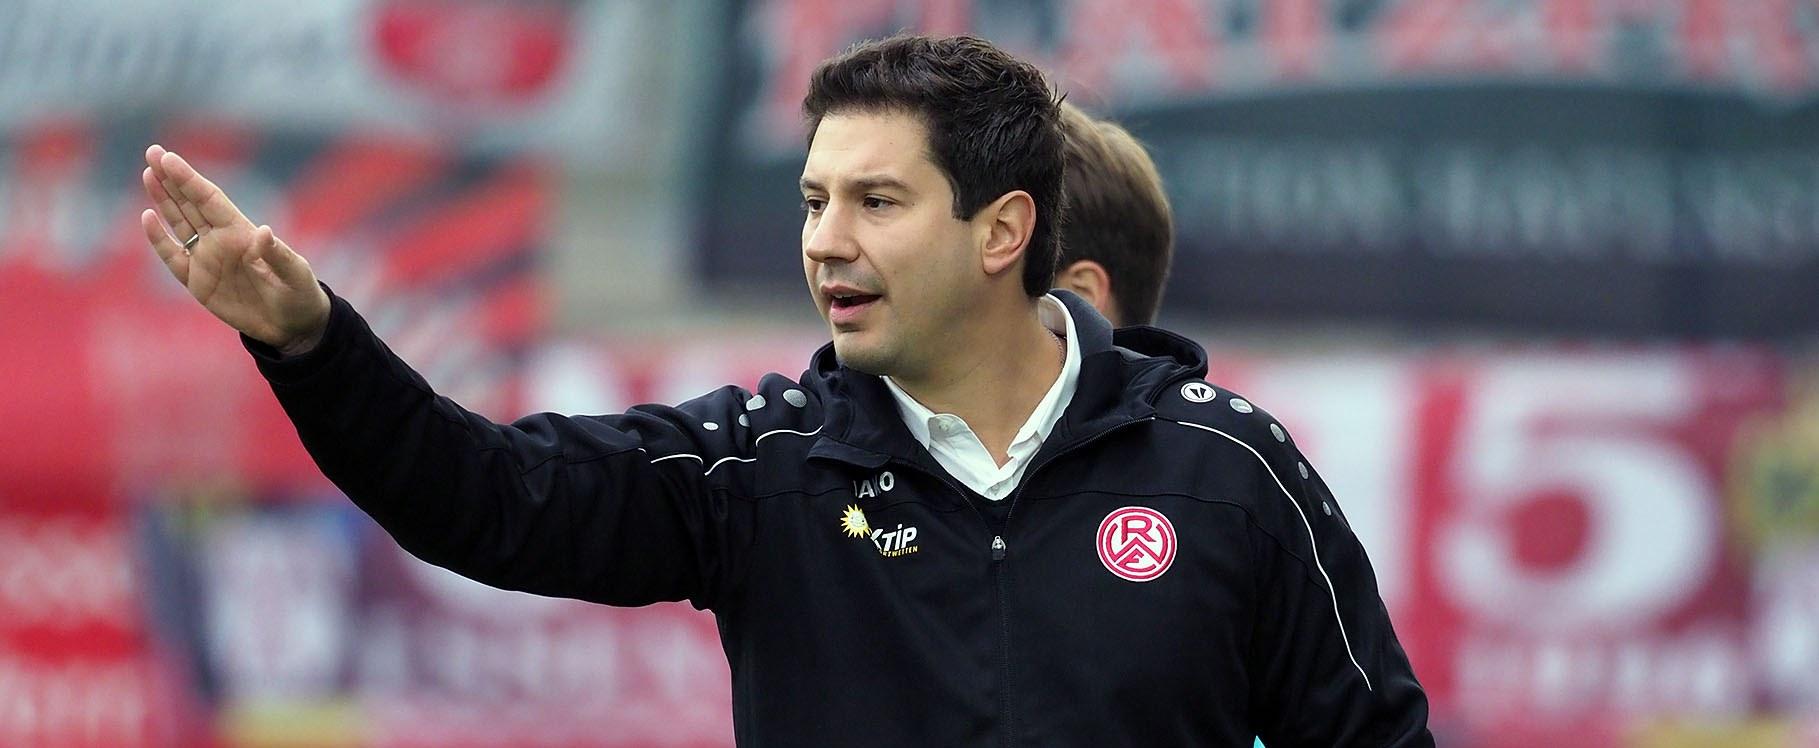 RWE-Chef-Trainer Argirios Giannikis im Interview vor dem Spiel gegen den FC Wegberg-Beeck.